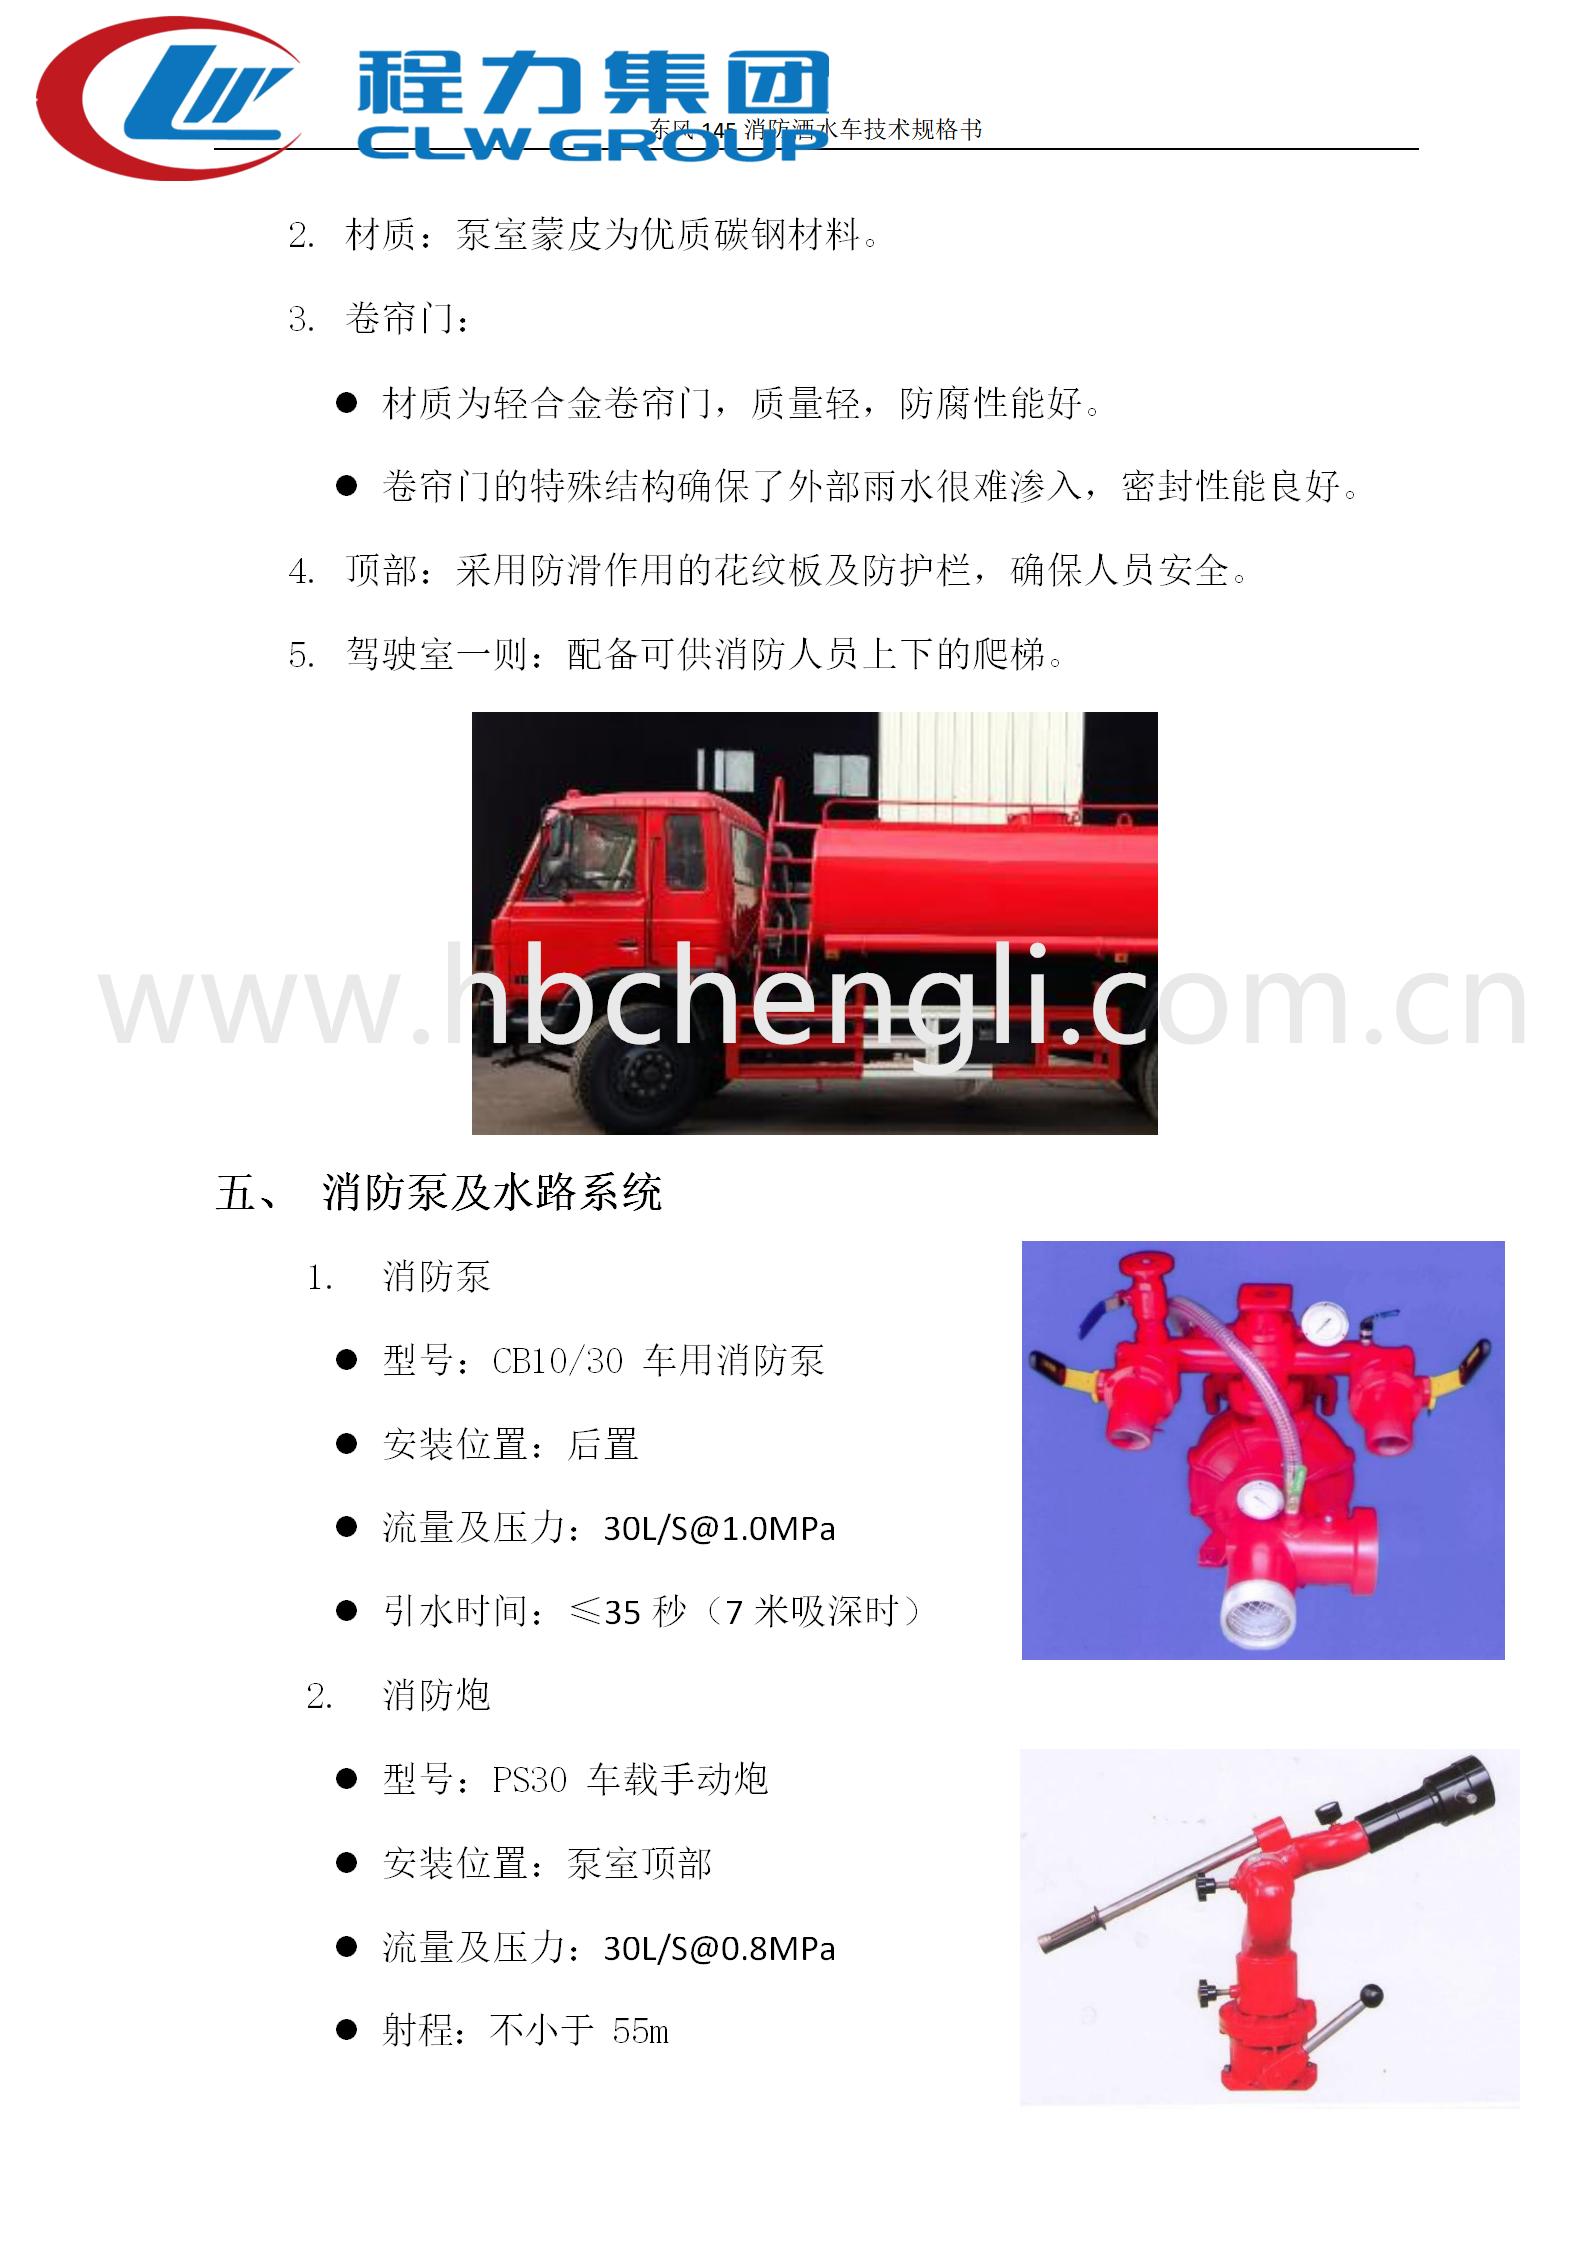 东风145简易消防车技术规格书_05_副本